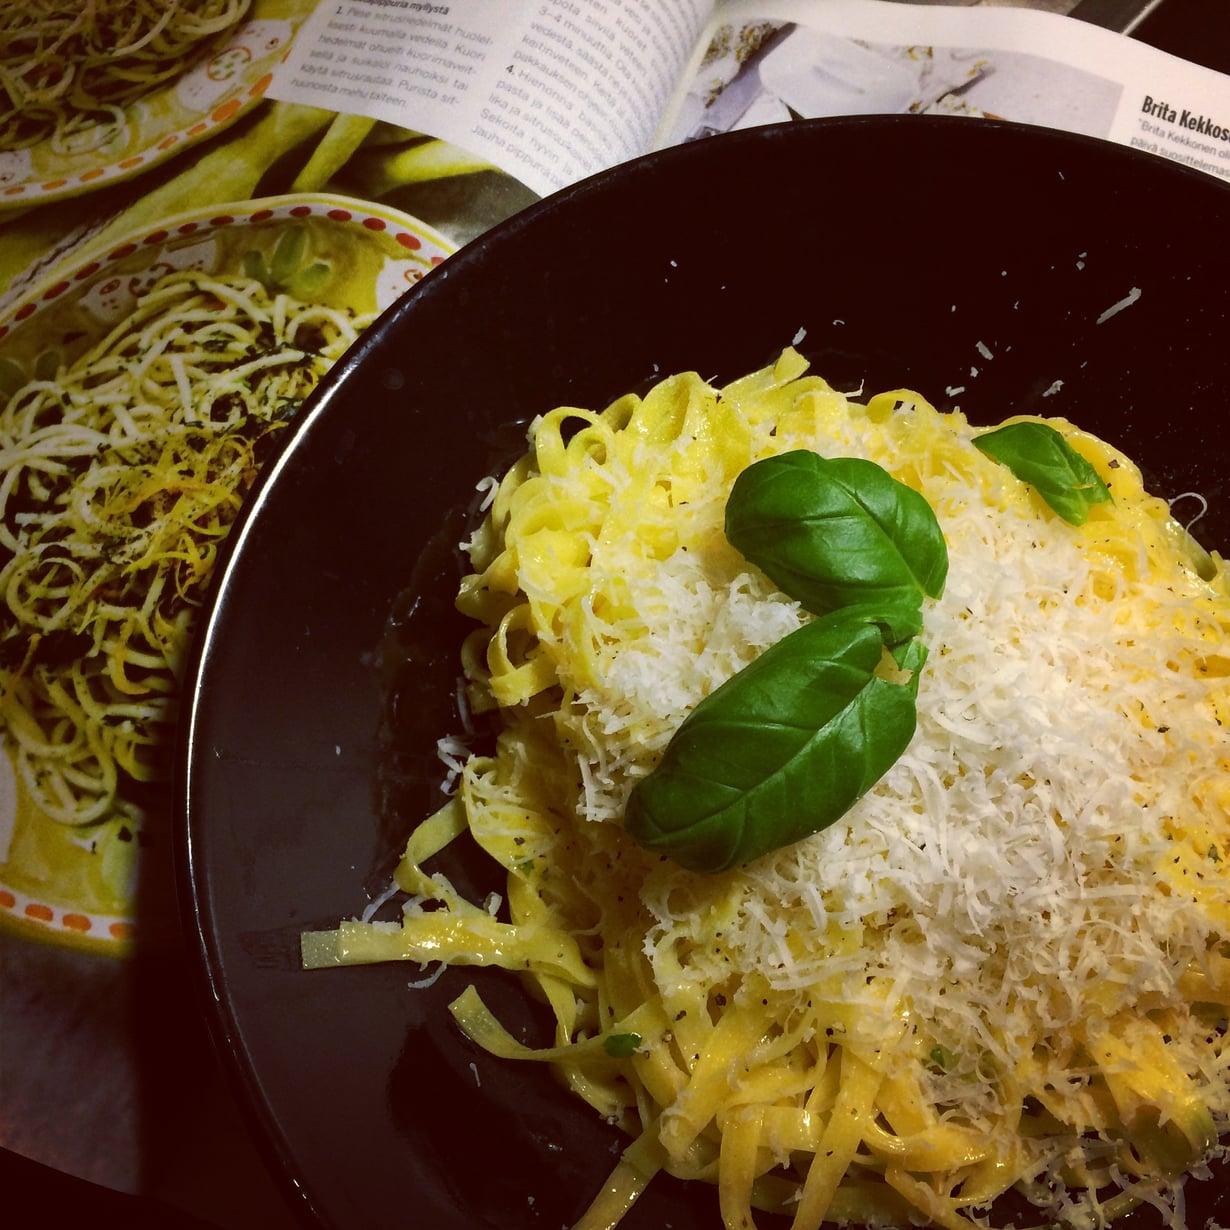 Parmesaani ei ainakaan pilannut yksinkertaista sitrusvoipastaa. Kuva: Teemu Leminen.